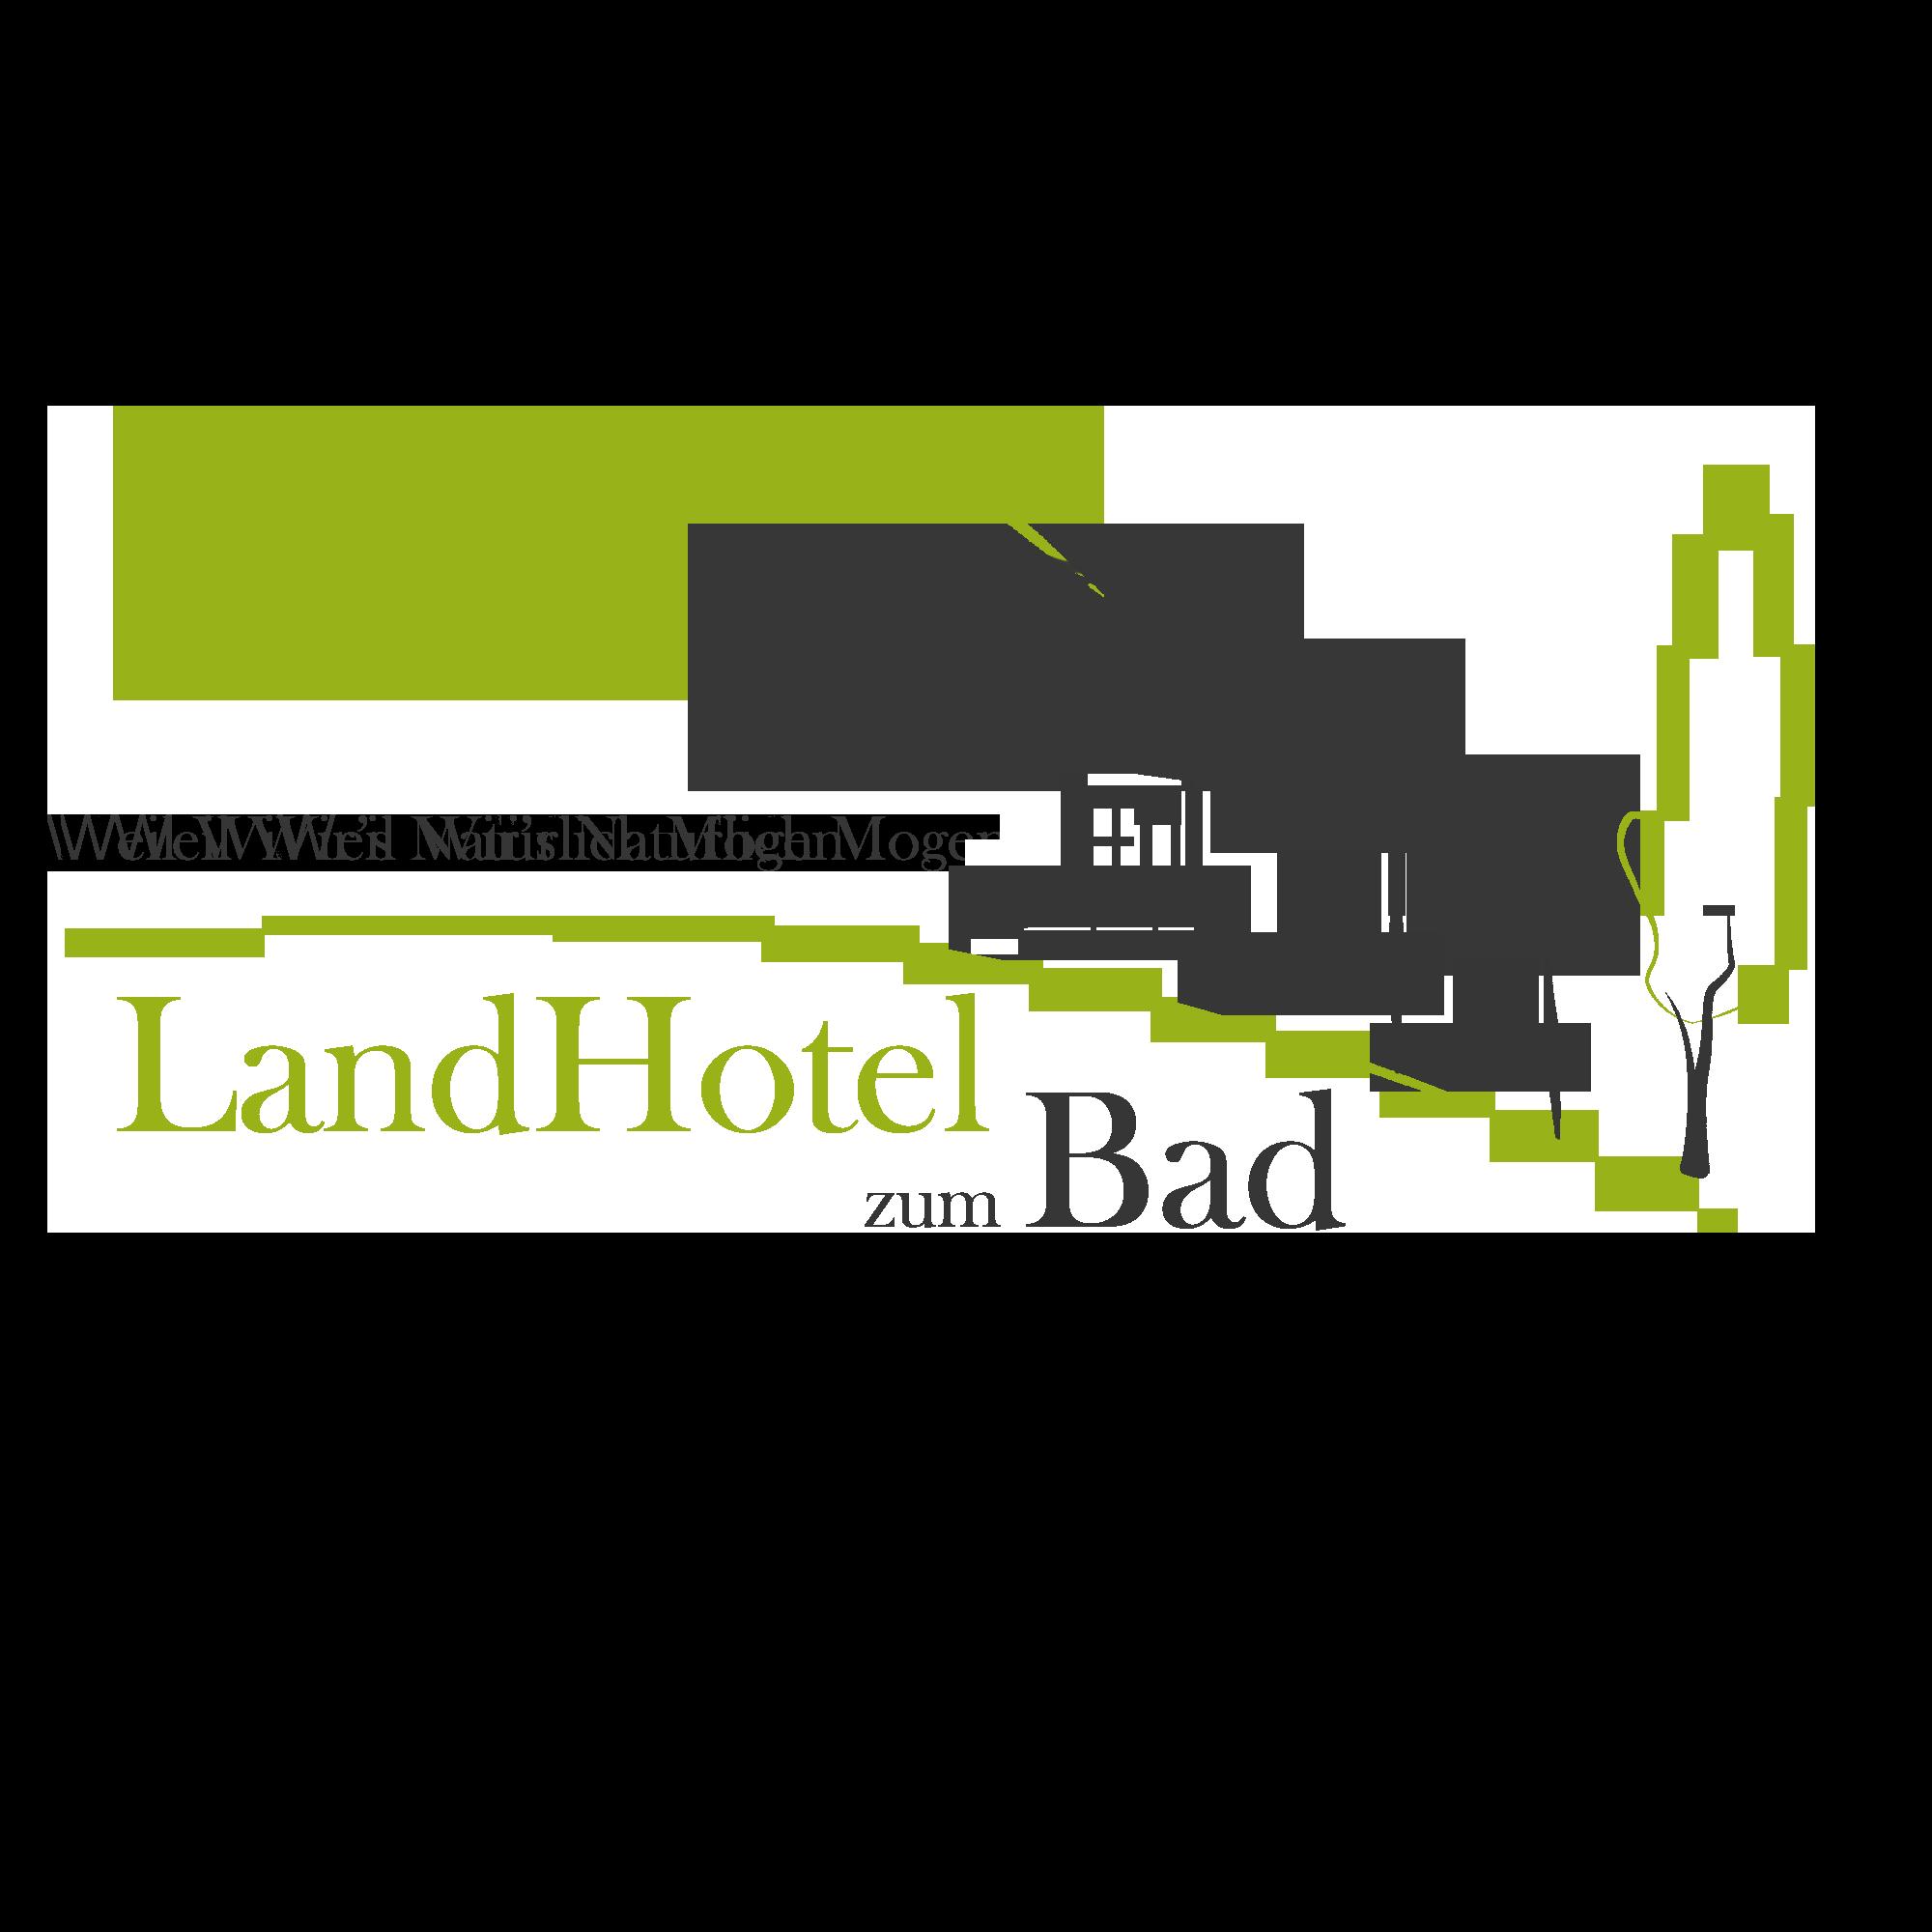 Landhotel zum Bad